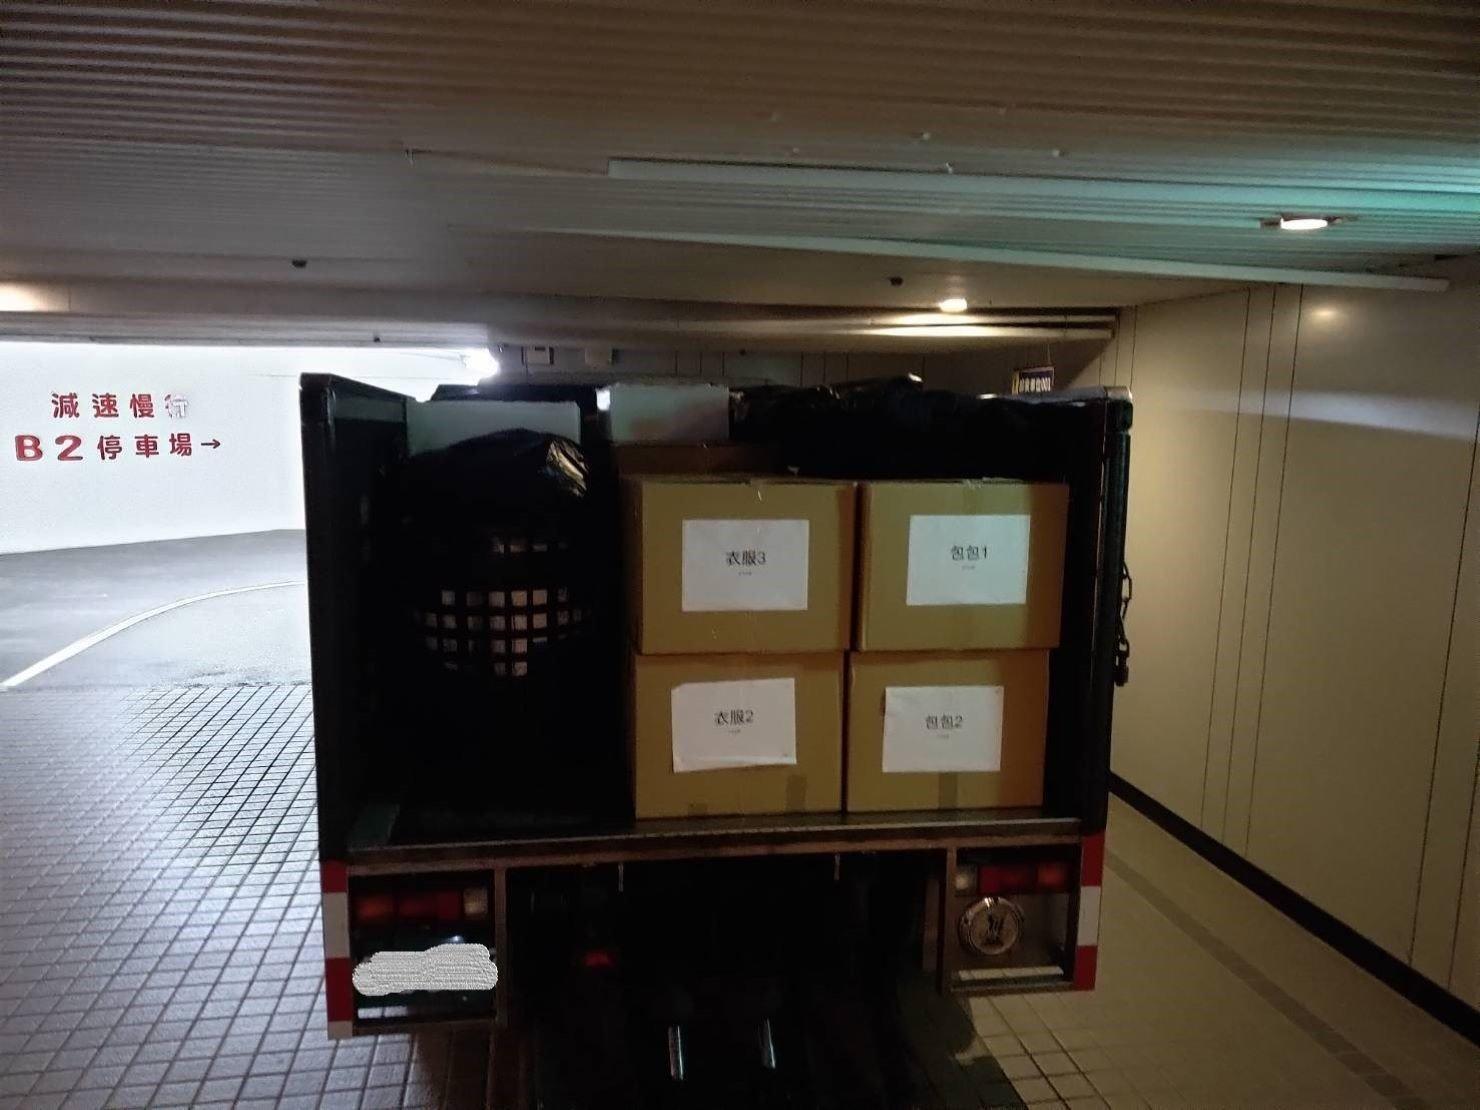 搬家公司【榮福搬家貨運有限公司】台北搬家公司、新北搬家、值得您的信賴與選擇:客戶家須從地下停車場運物件上貨車,師傅們將裝箱物搬運上車會以有貼註明的那面朝外,看清楚好搬運。